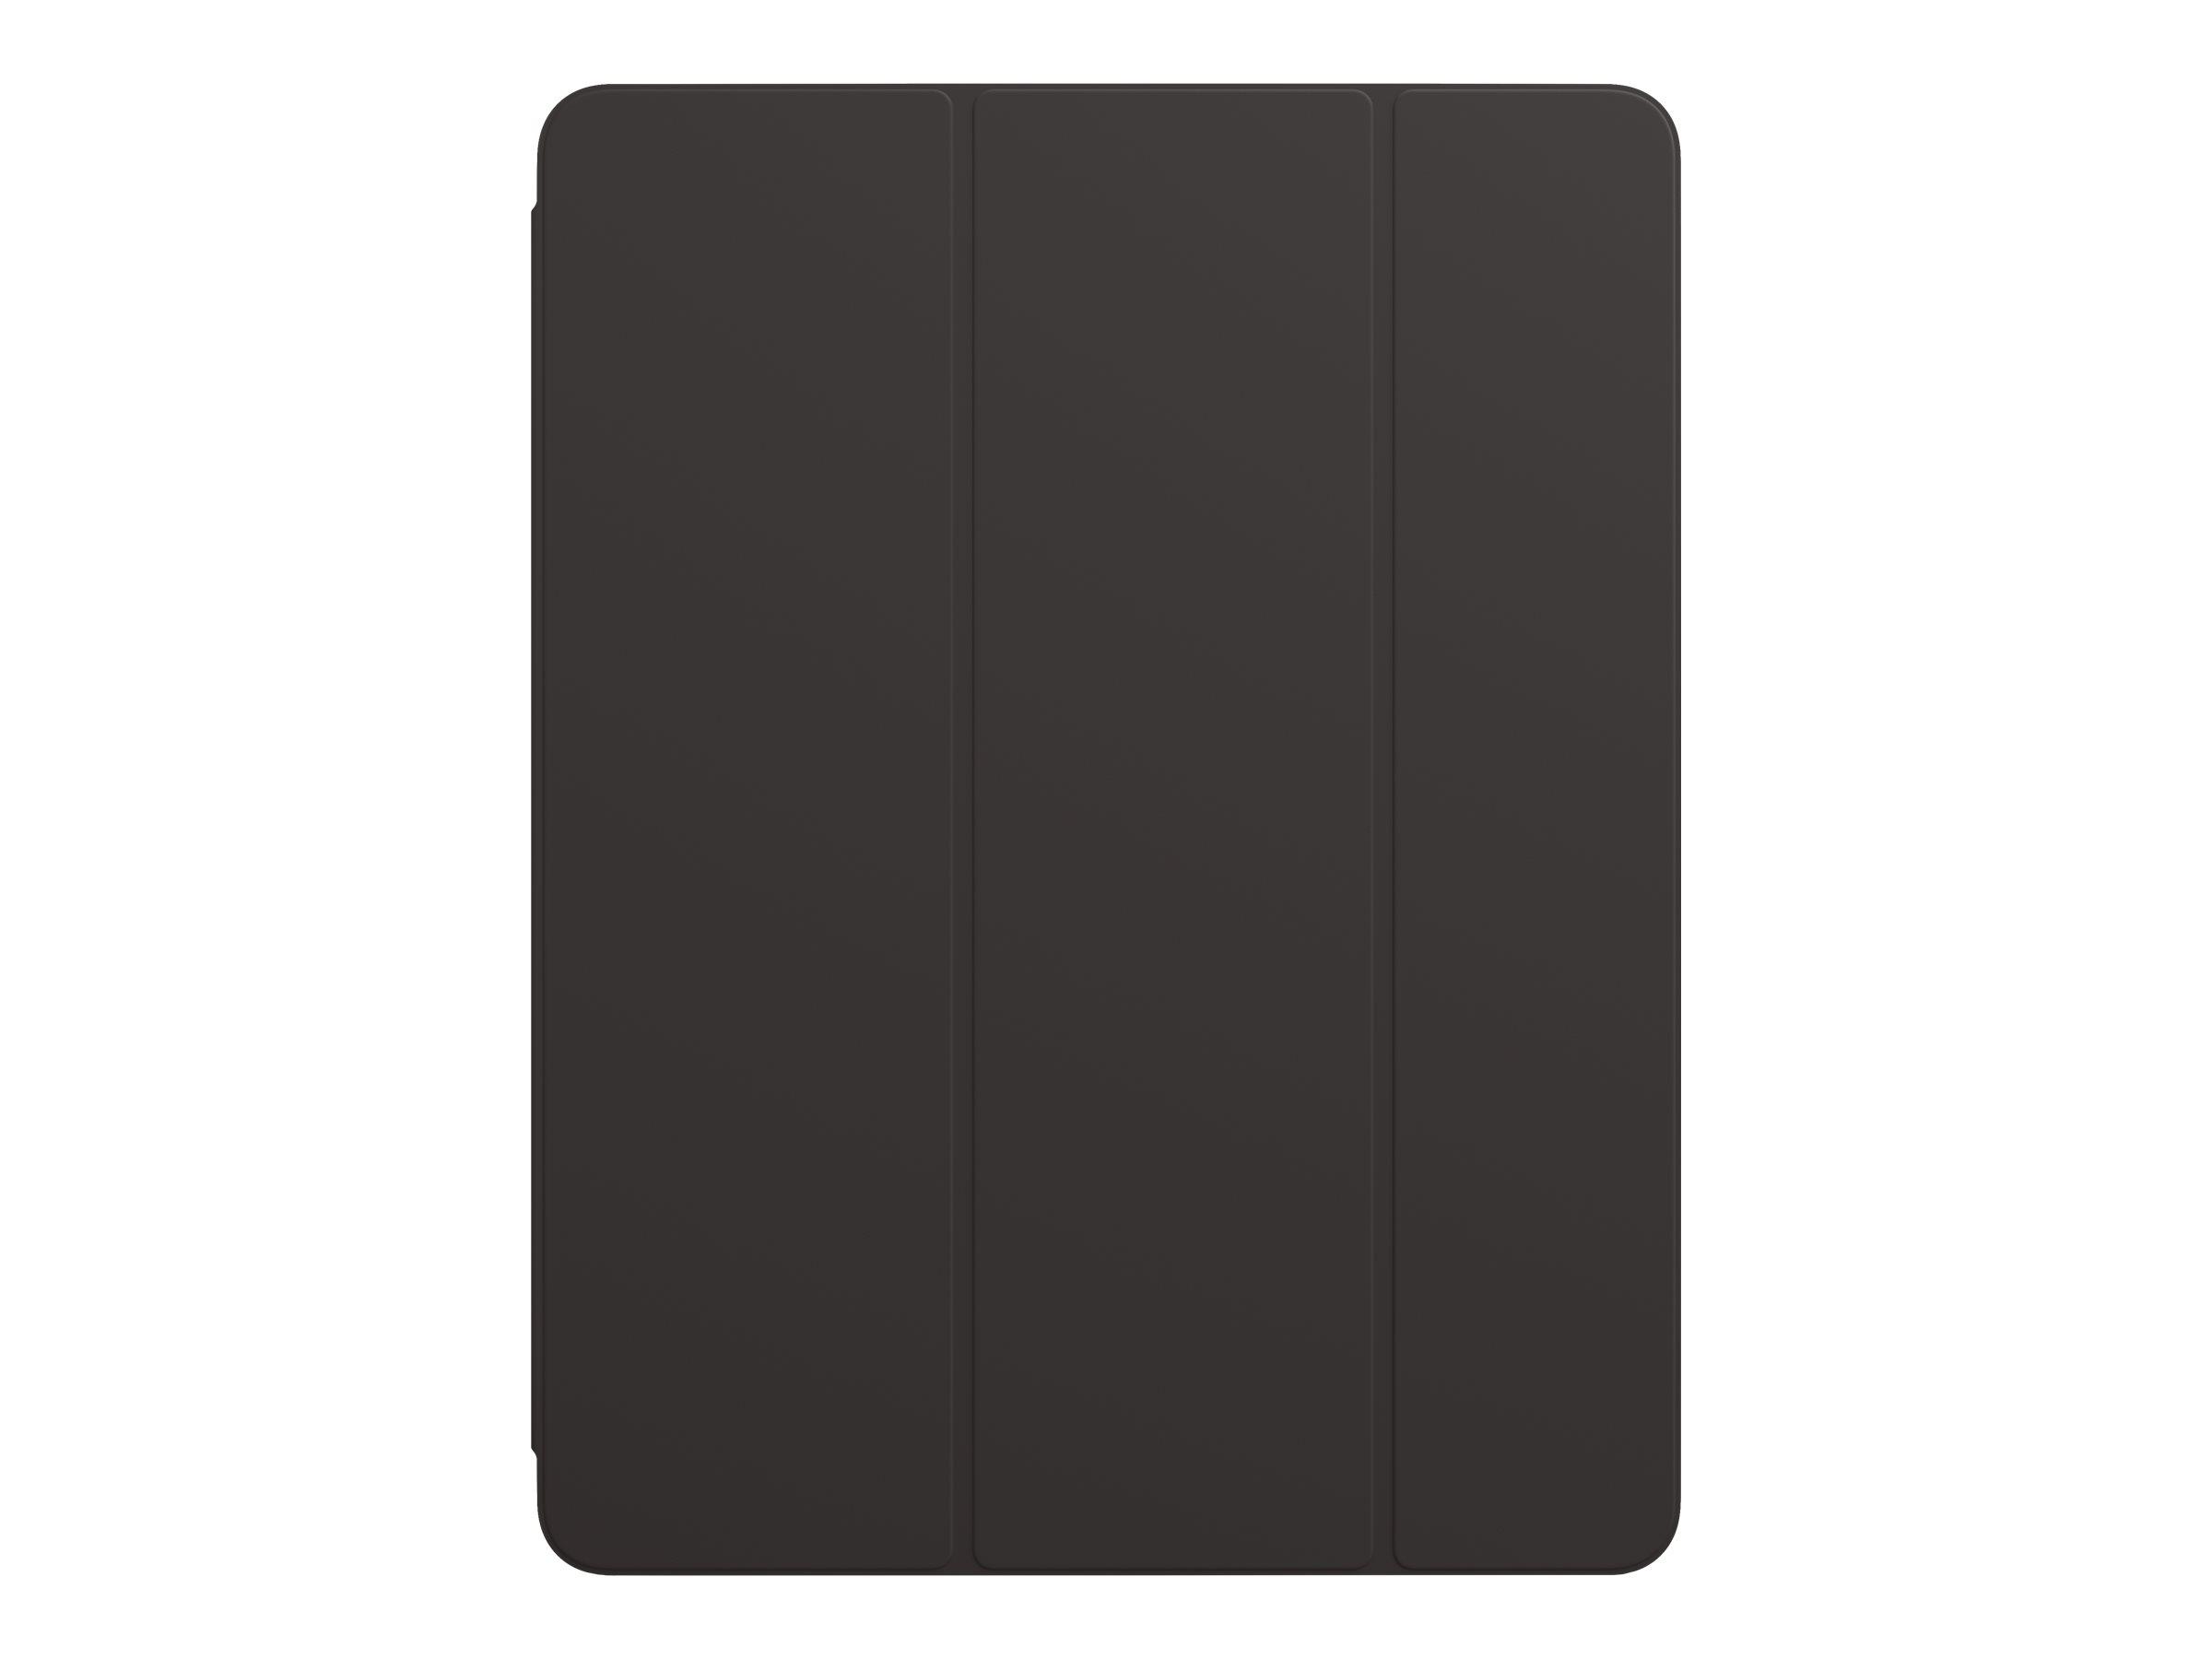 """Vorschau: Apple Smart Folio - Flip-Hülle für Tablet - Polyurethan - Schwarz - 12.9"""" - für 12.9-inch iPad Pro (3. Generation, 4. Generation)"""